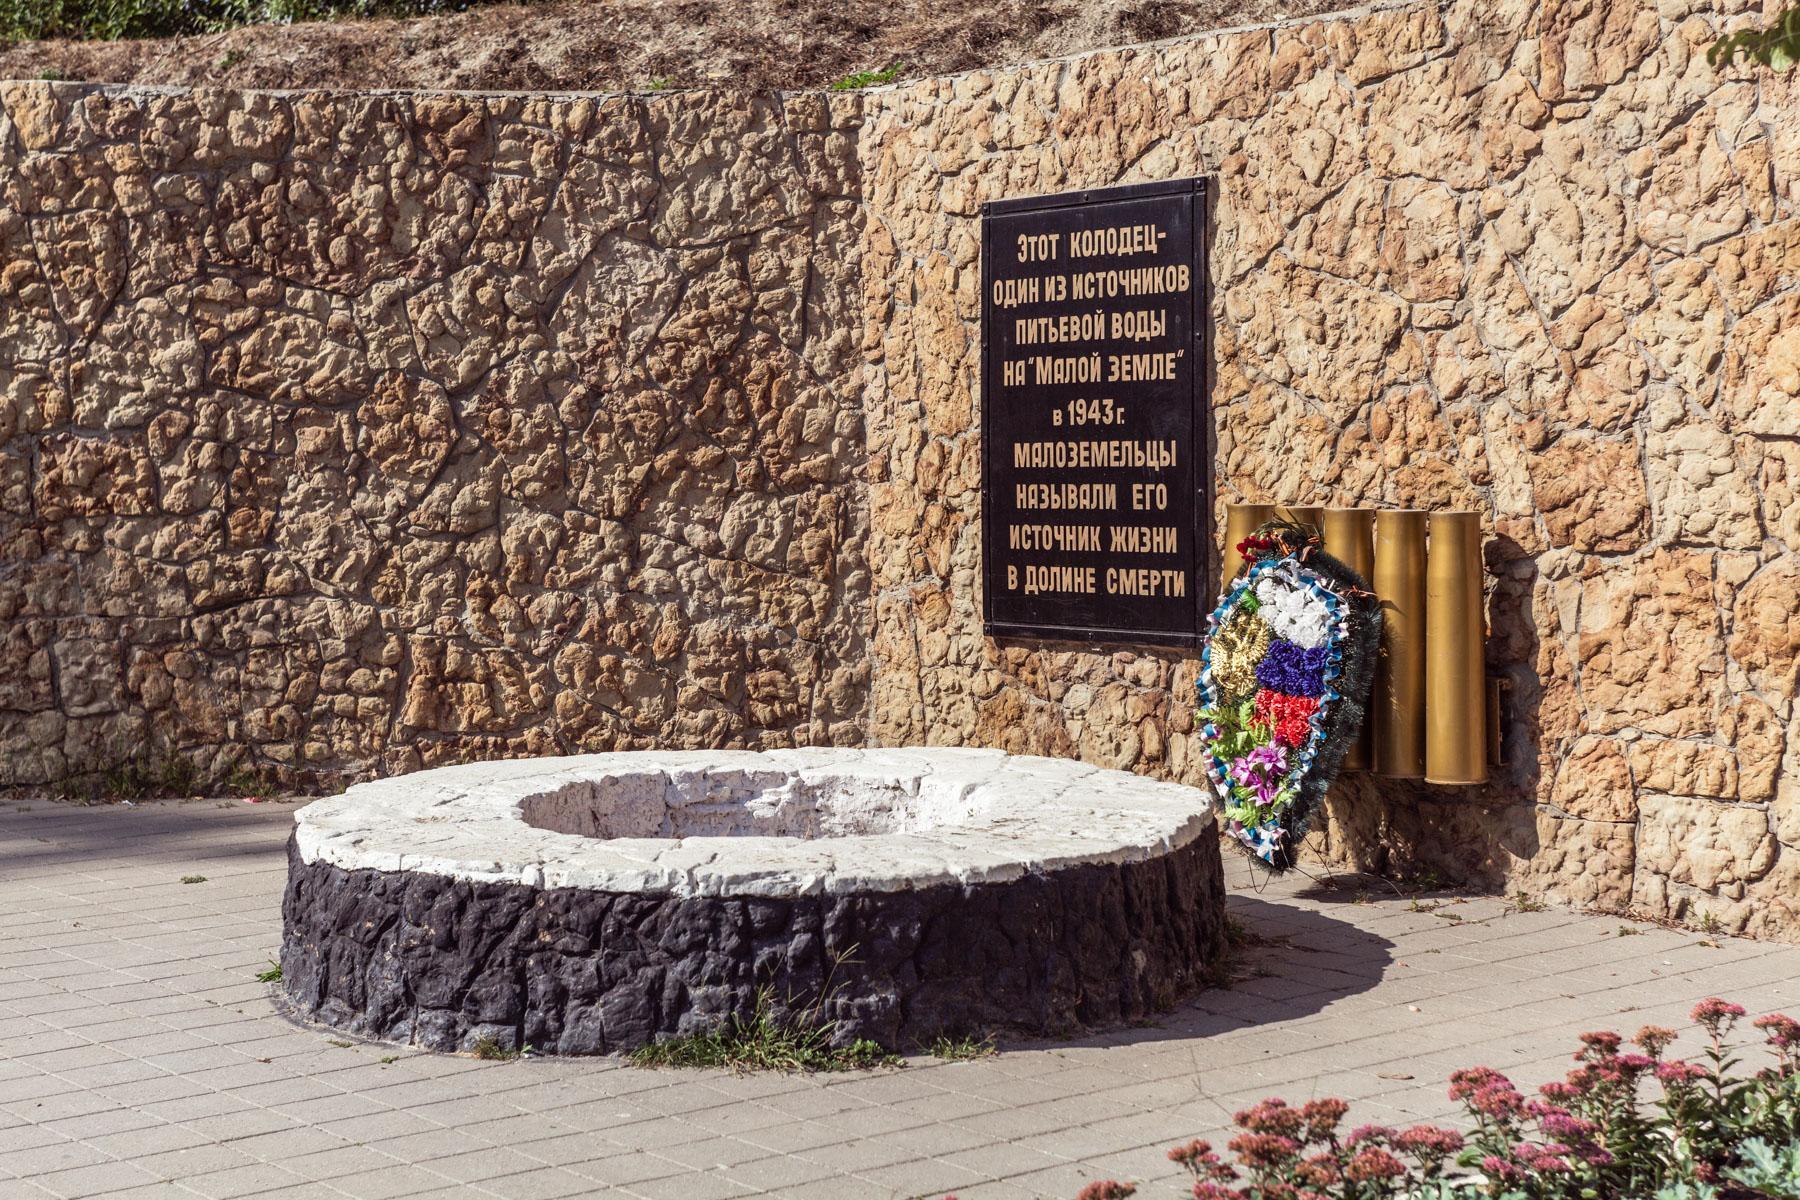 вещательные памятники новороссийска фото с описанием голосовании